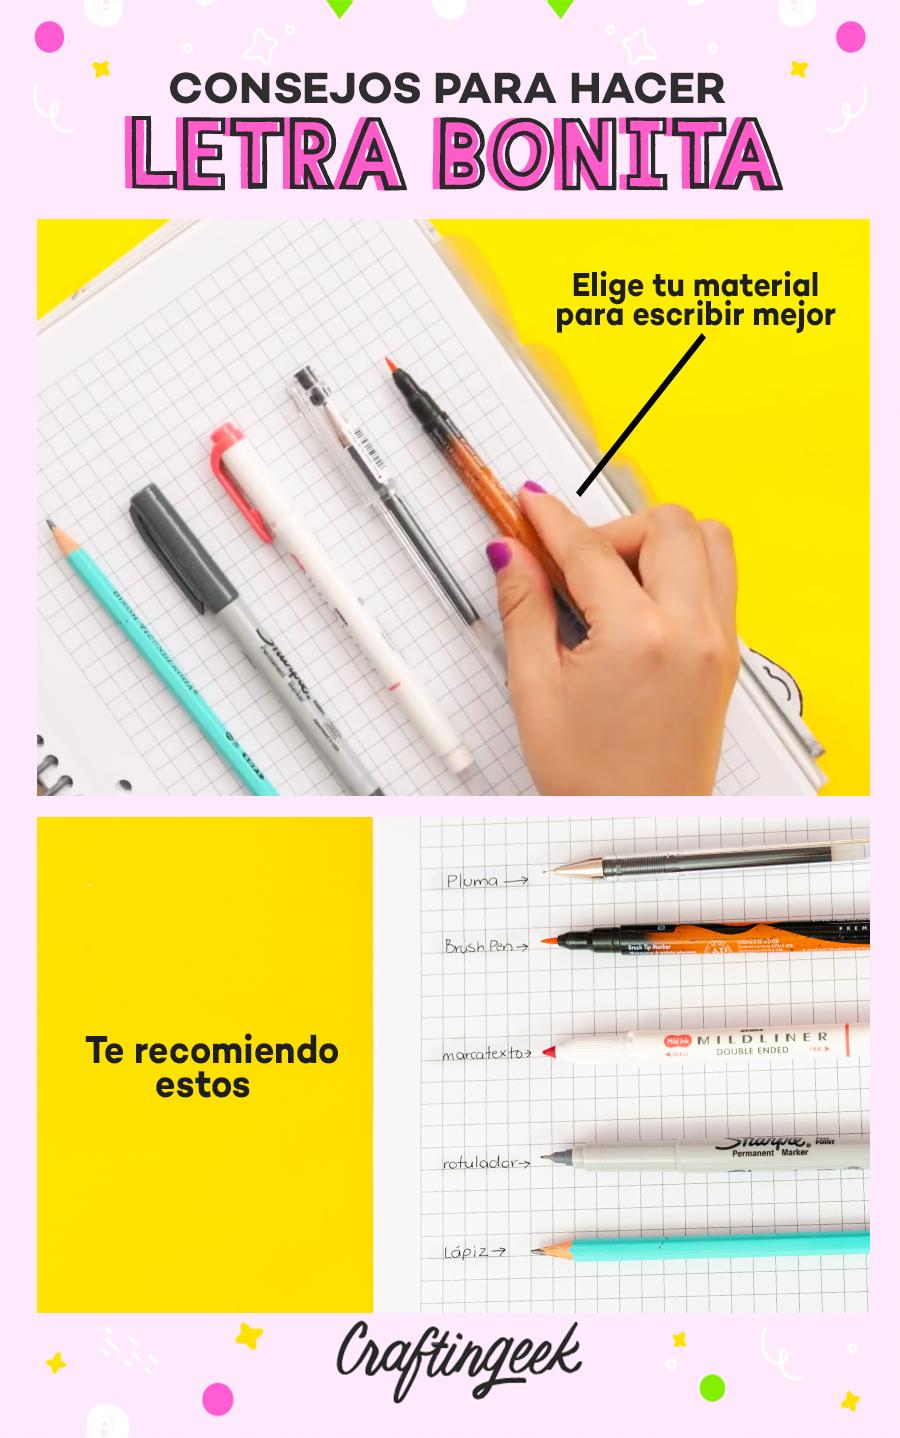 Consejos para mejorar tu letra: Elige los mejores materiales